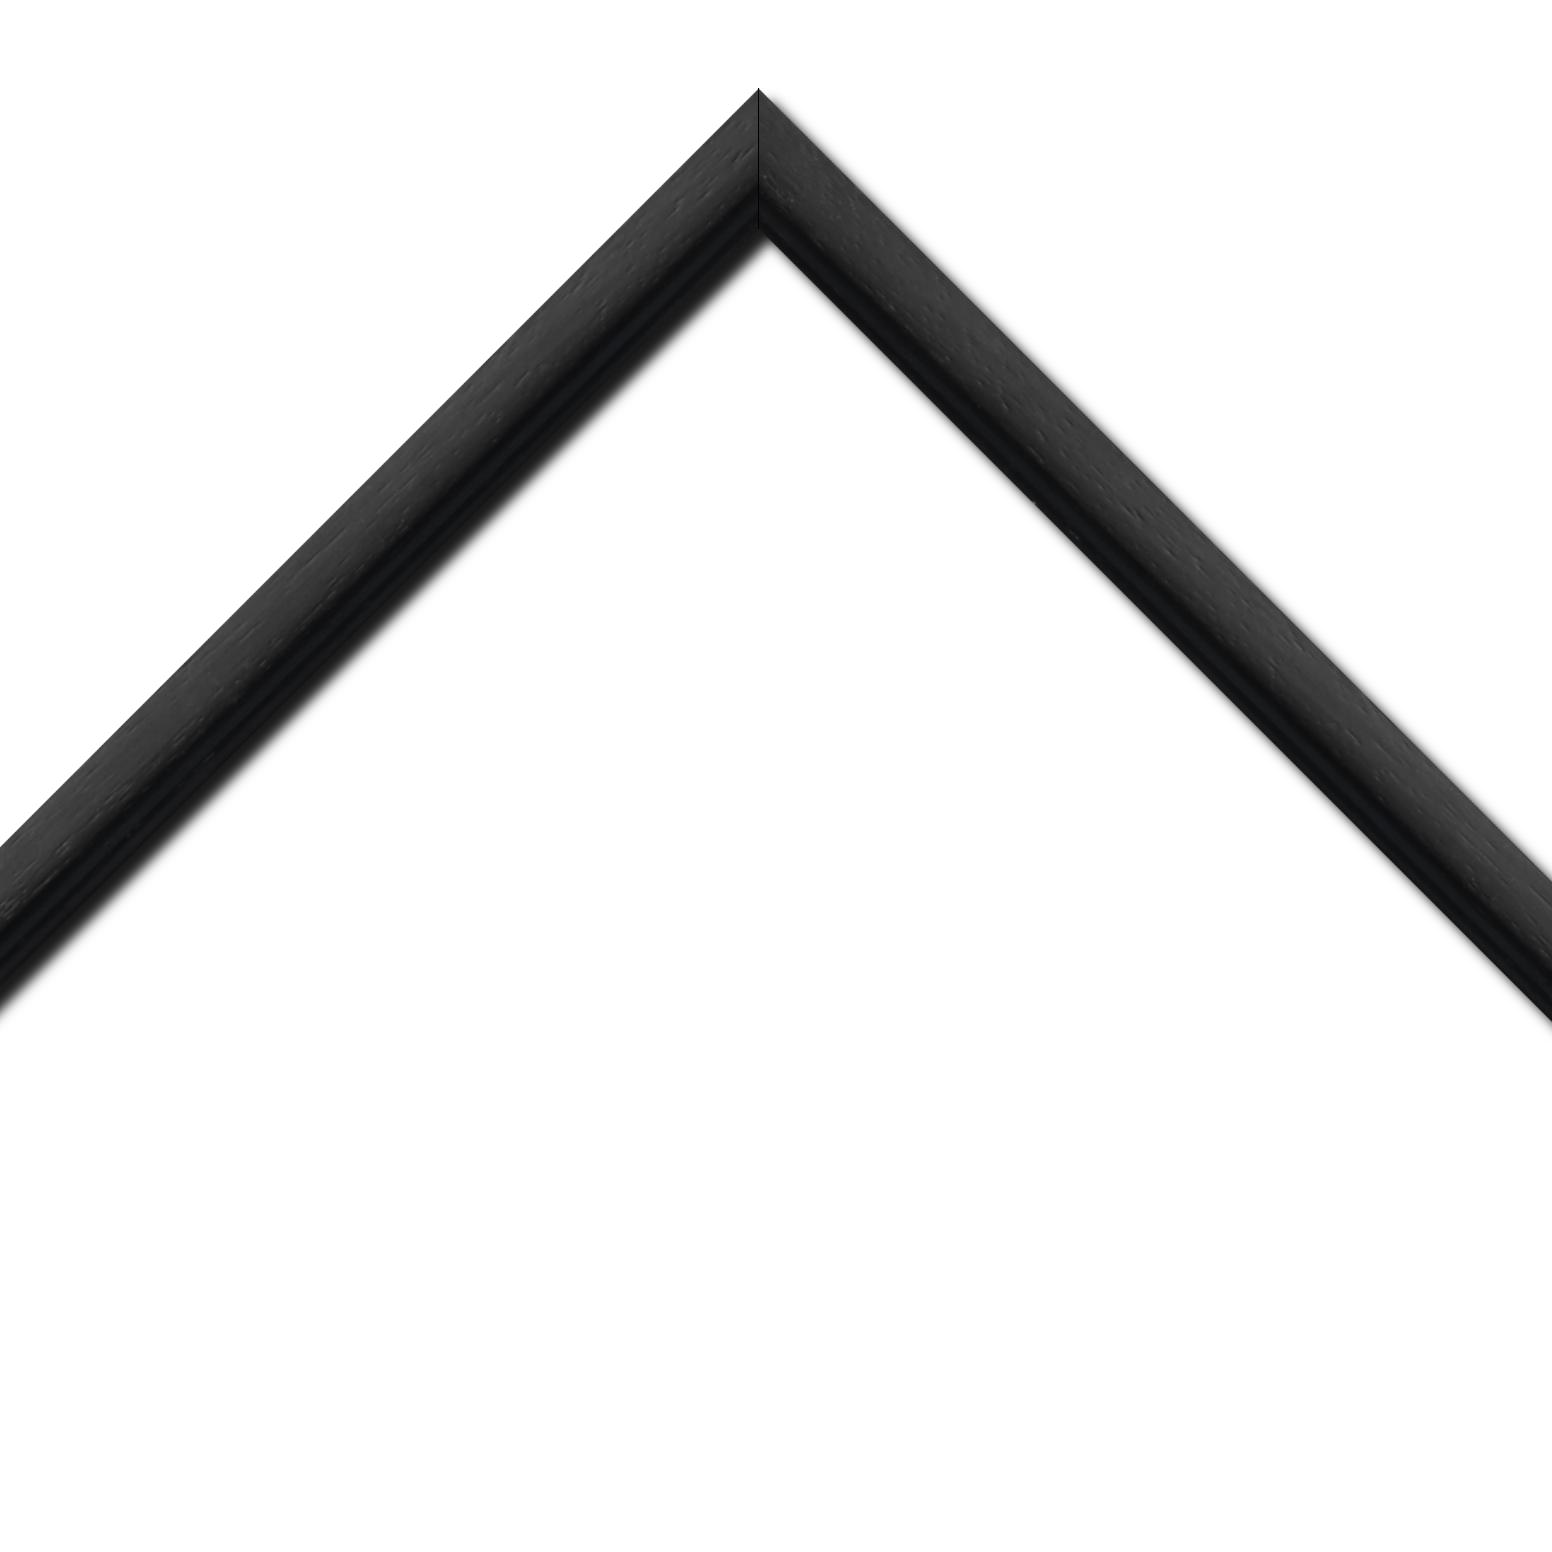 Baguette bois profil bombé largeur 2.4cm couleur noir satiné